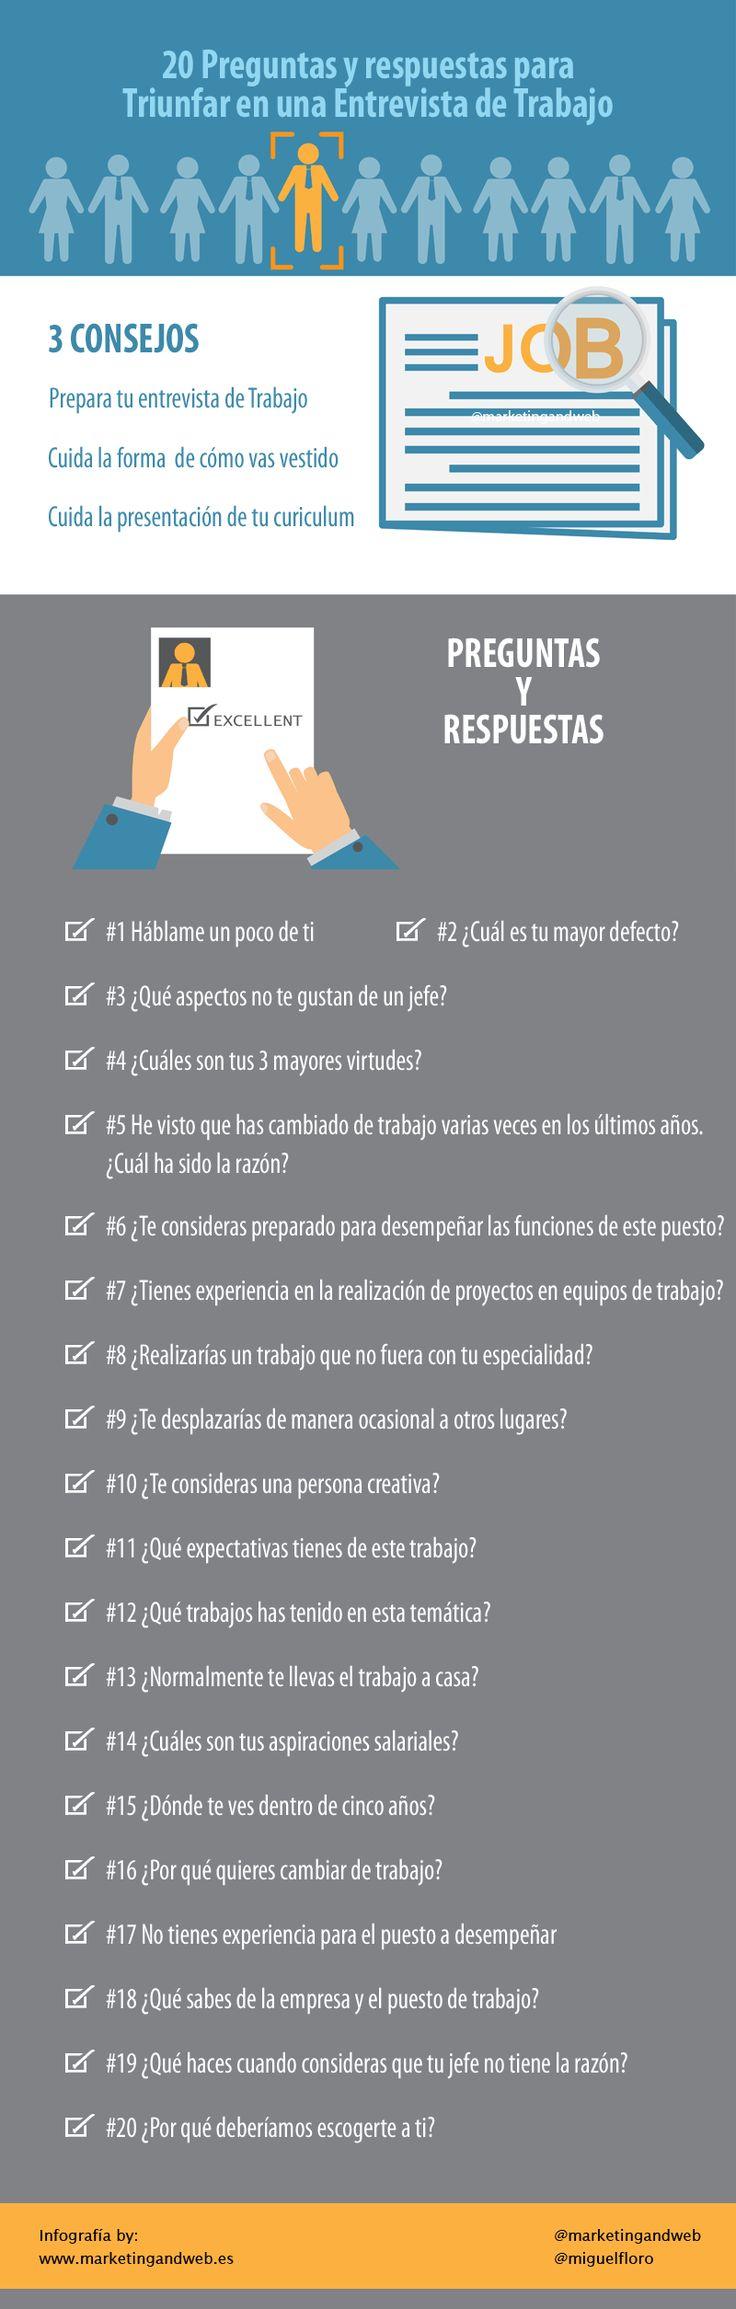 Hola: Una infografía con 20 preguntas clave para una Entrevista de Trabajo. Vía Un saludo